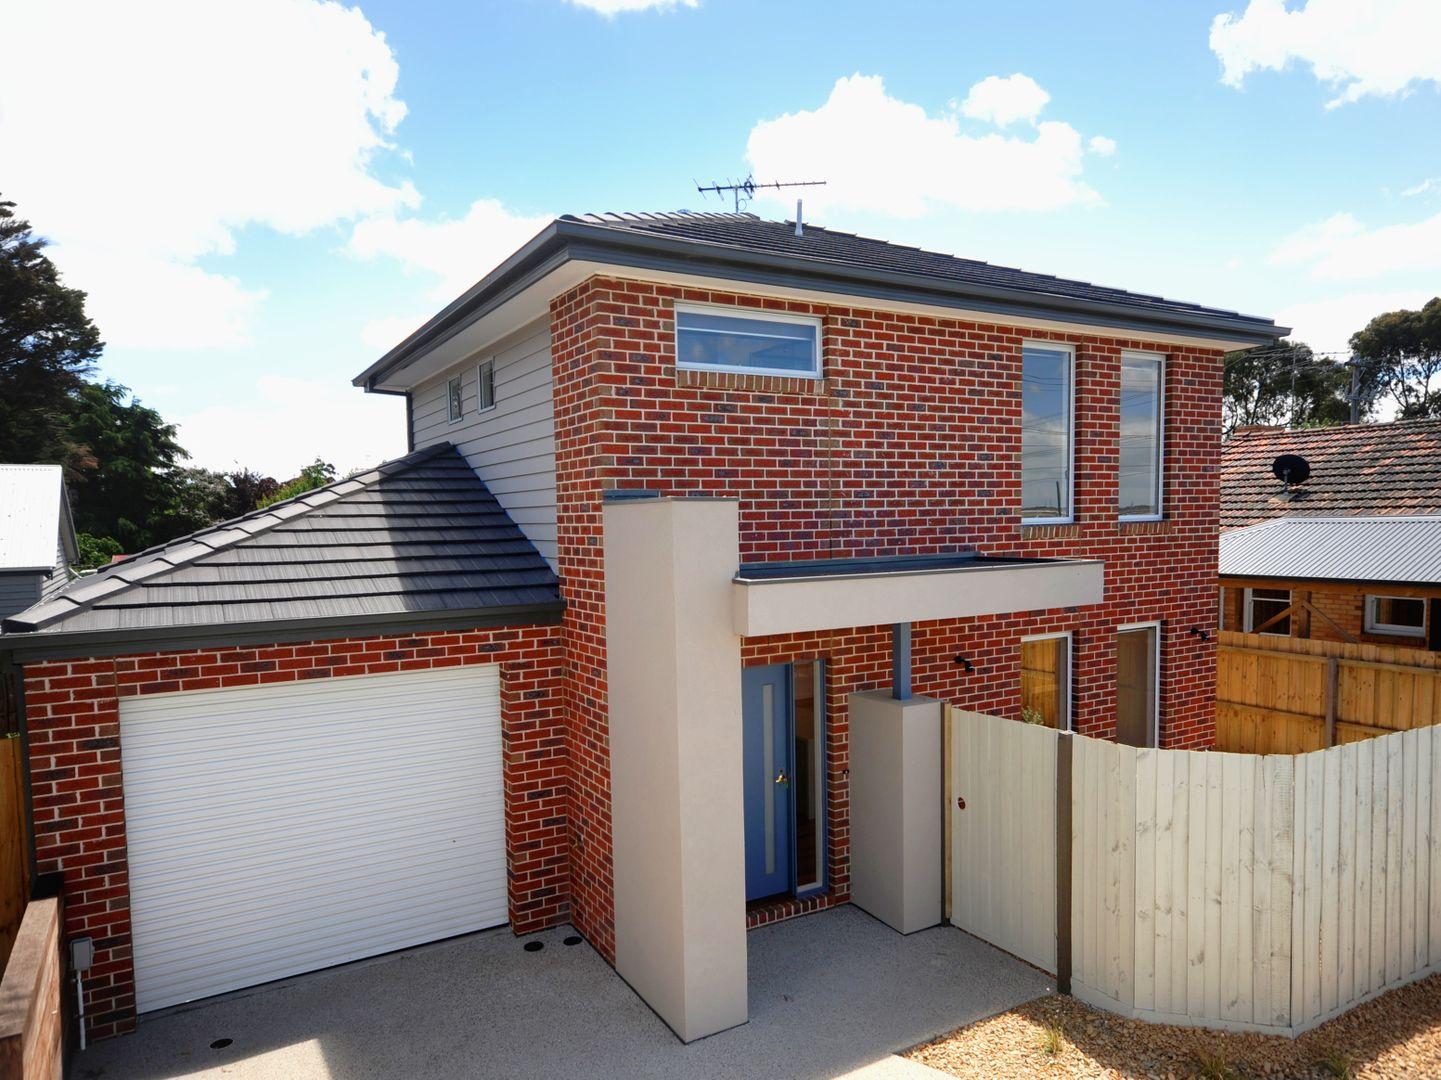 2/526 Ryrie  Street, East Geelong VIC 3219, Image 0